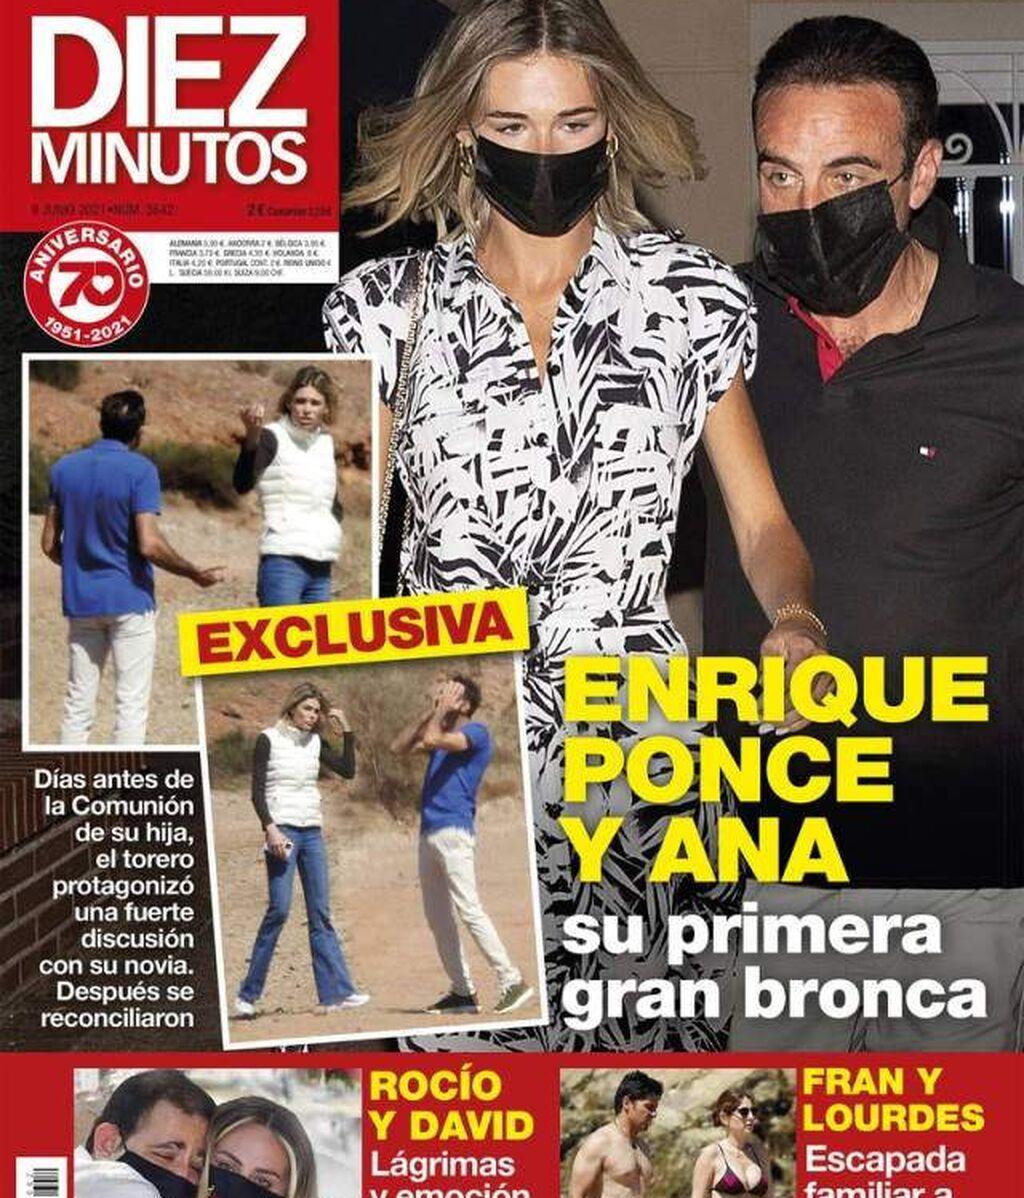 Enrique Ponce y Ana Soria, su primera bronca pública